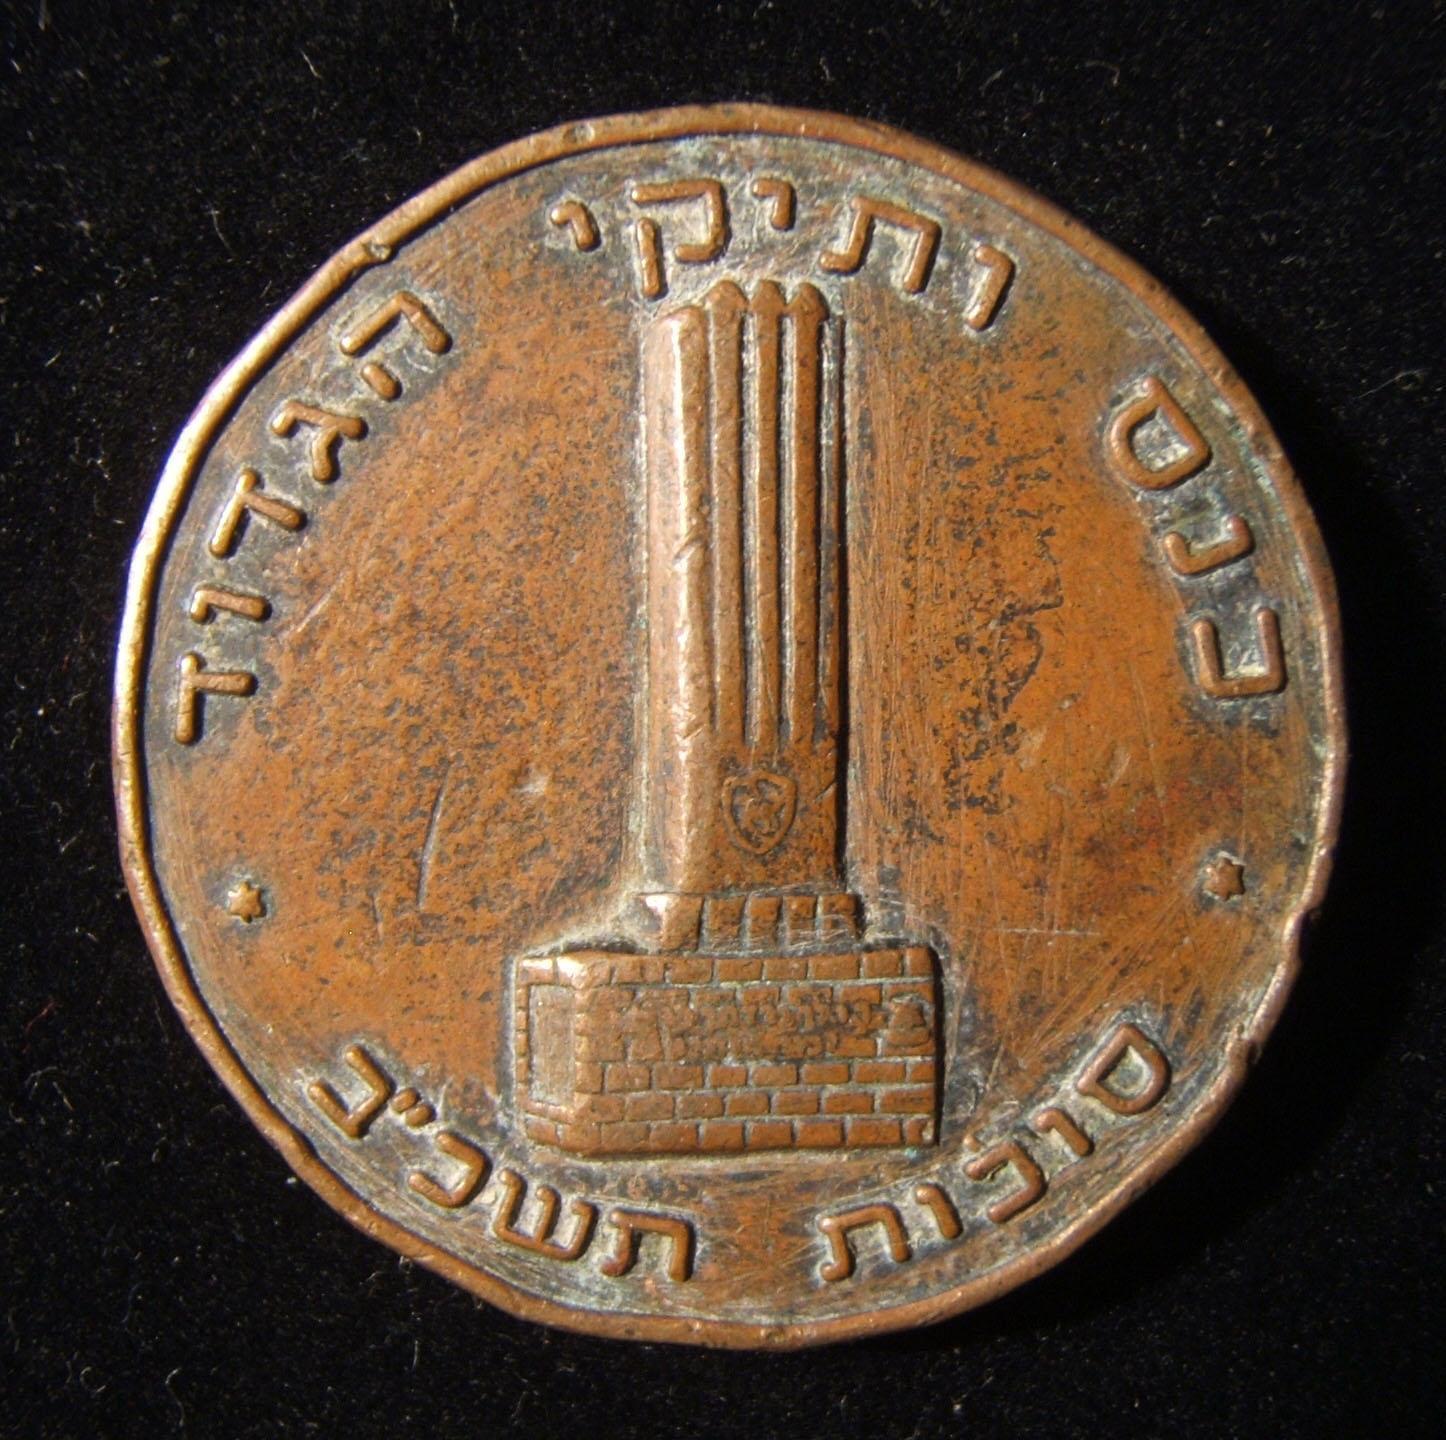 الجيش الإسرائيلي / لواء جيش الدفاع الإسرائيلي Givati Brigade 54 كتيبة المحاربين ميدالية التجمع ، 1961